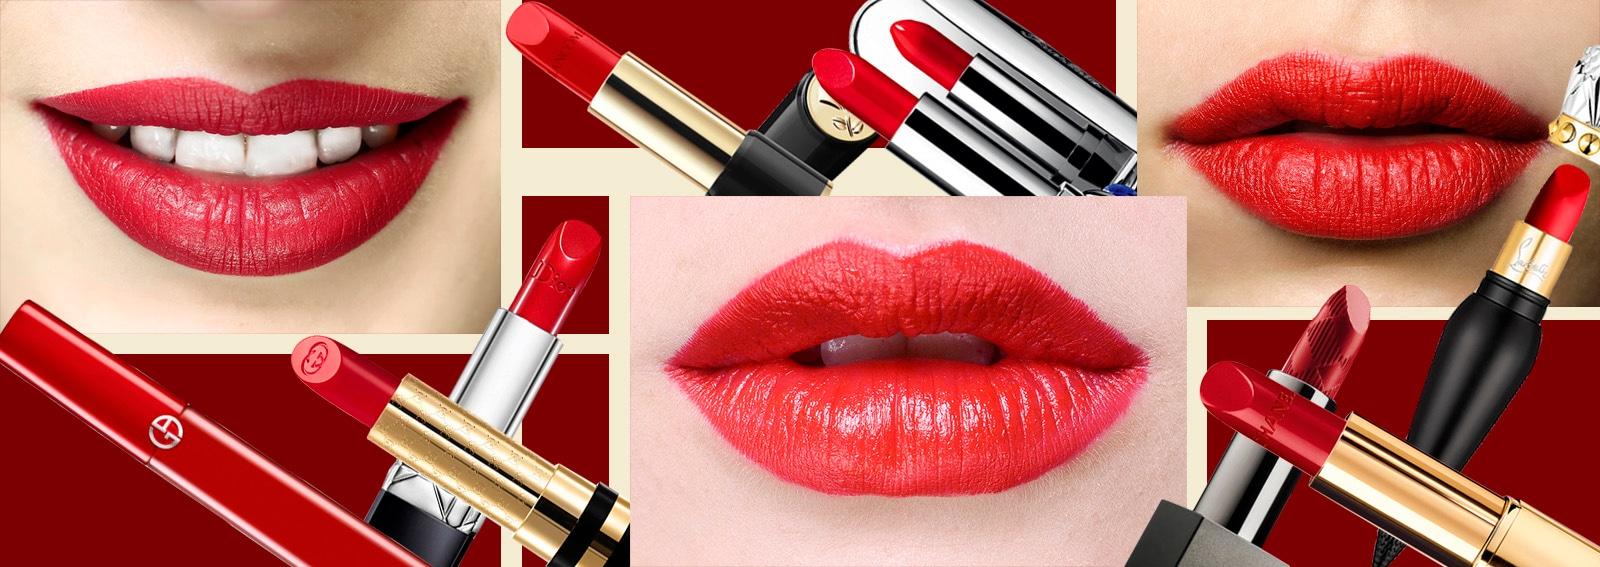 migliore rossetto rosso collage_desktop